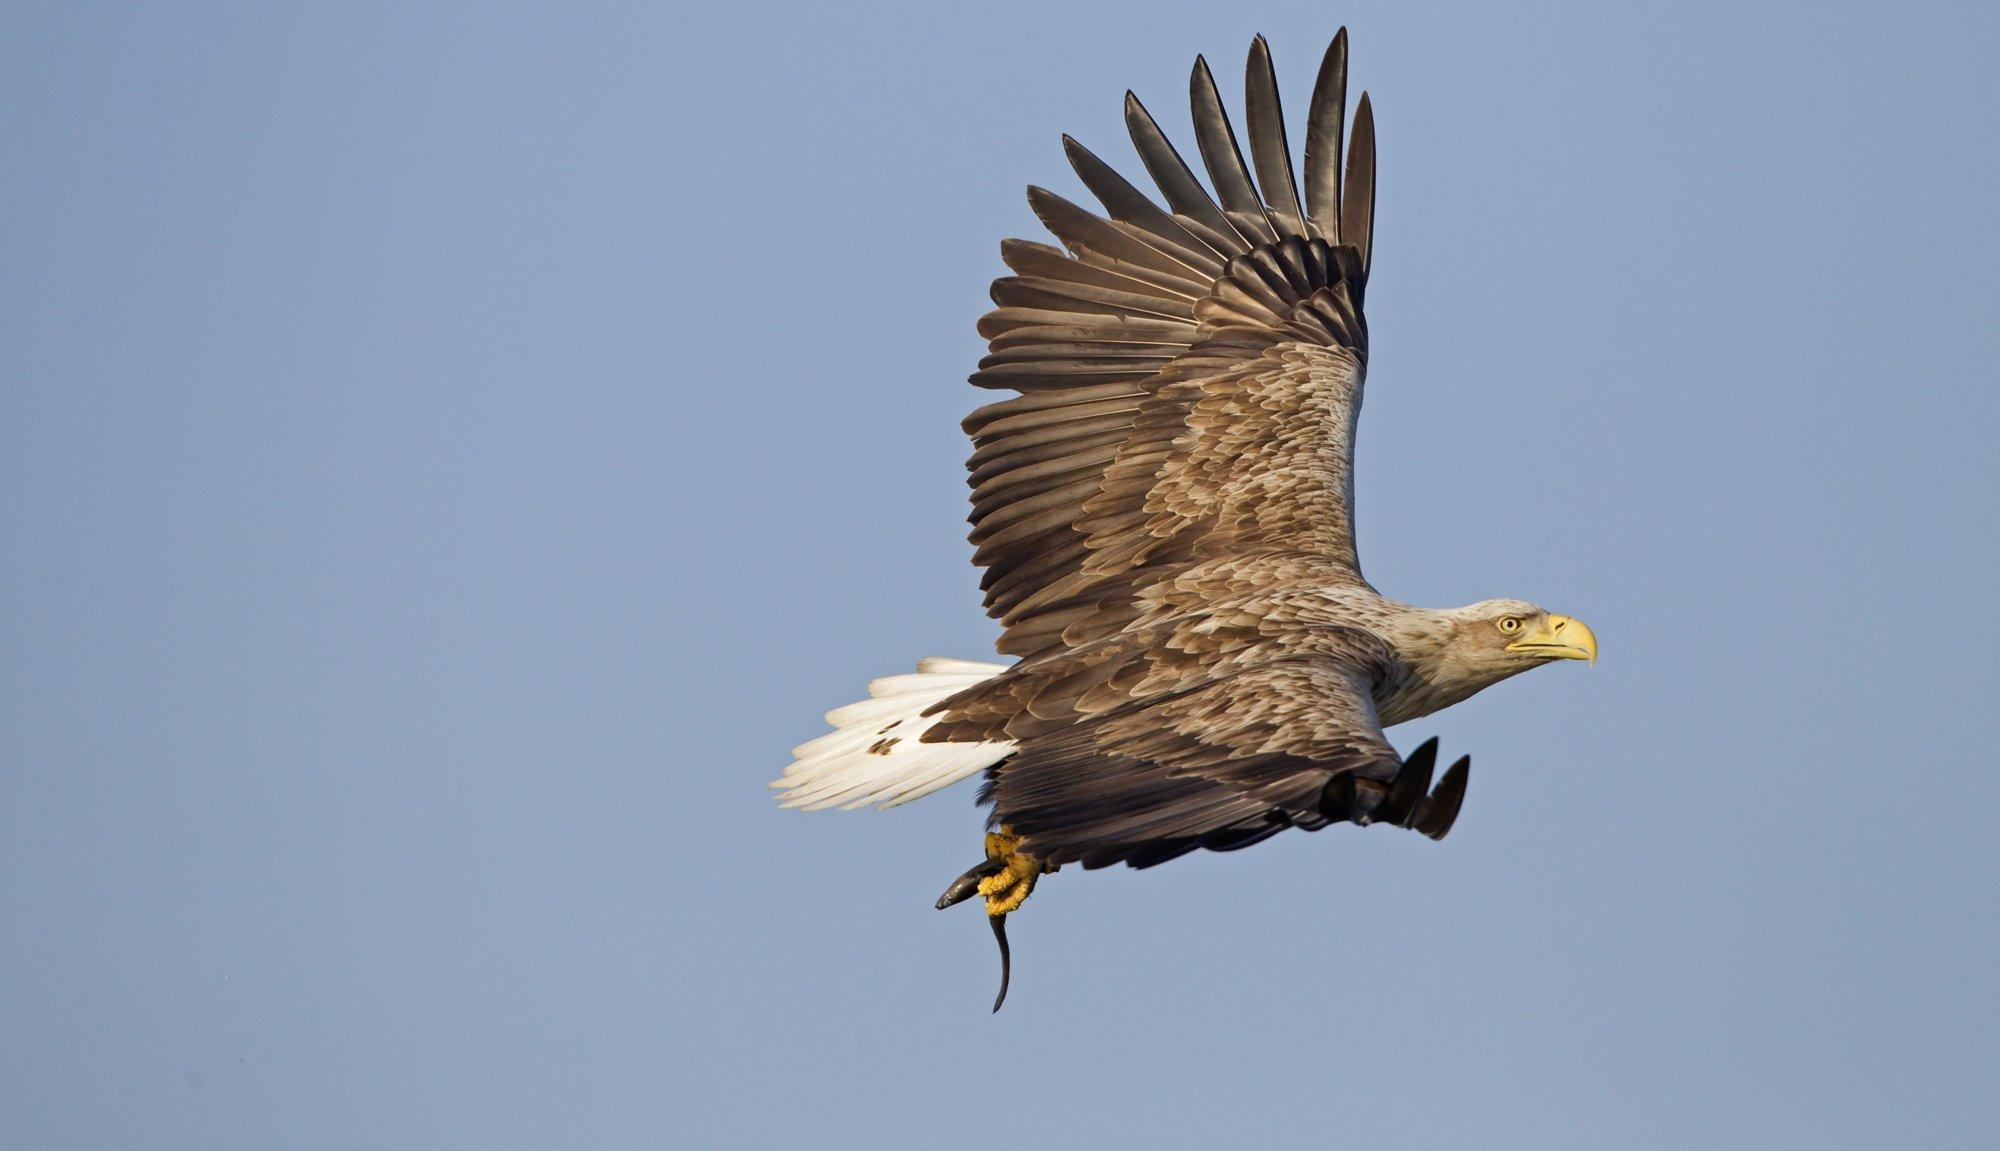 Ein fliegender Seeadler mit weit ausgebreiteten Schwingen